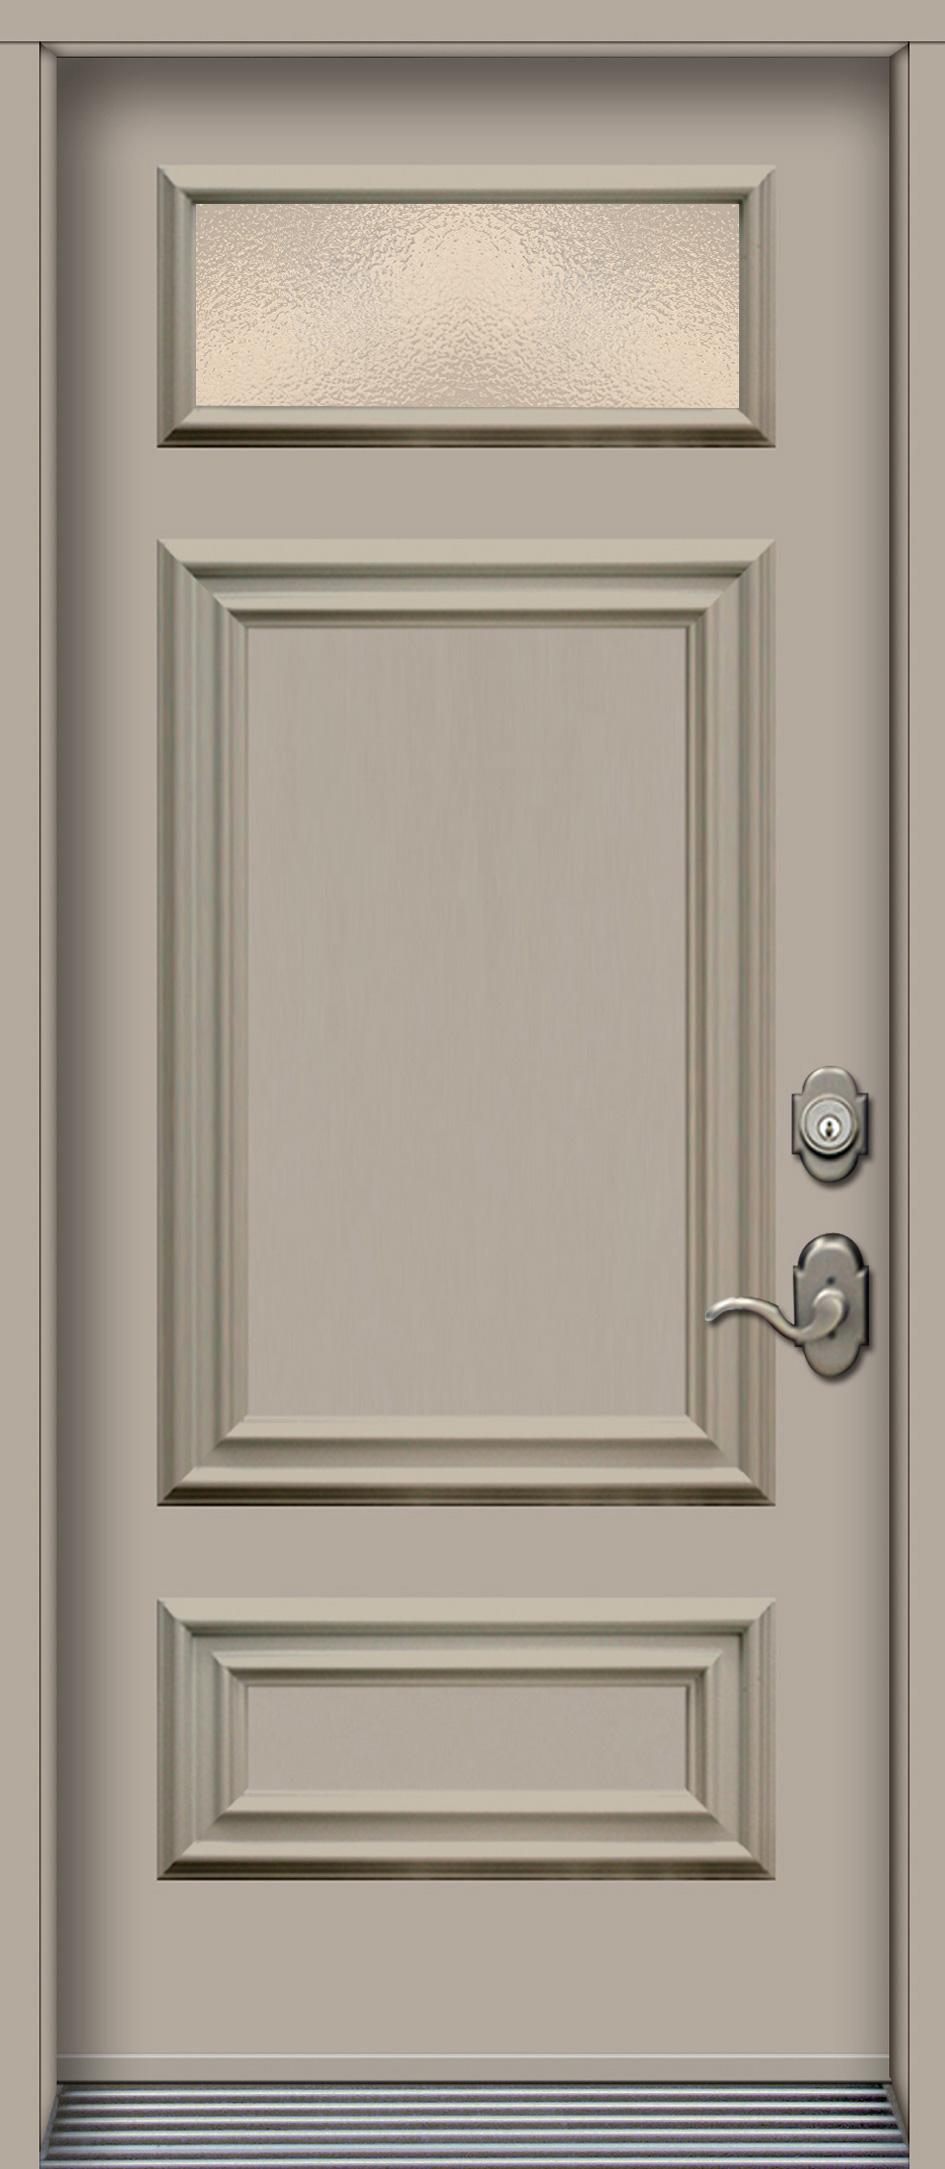 Nbv3710 porte en acier panneaux d coratifs argile for Porte en acier